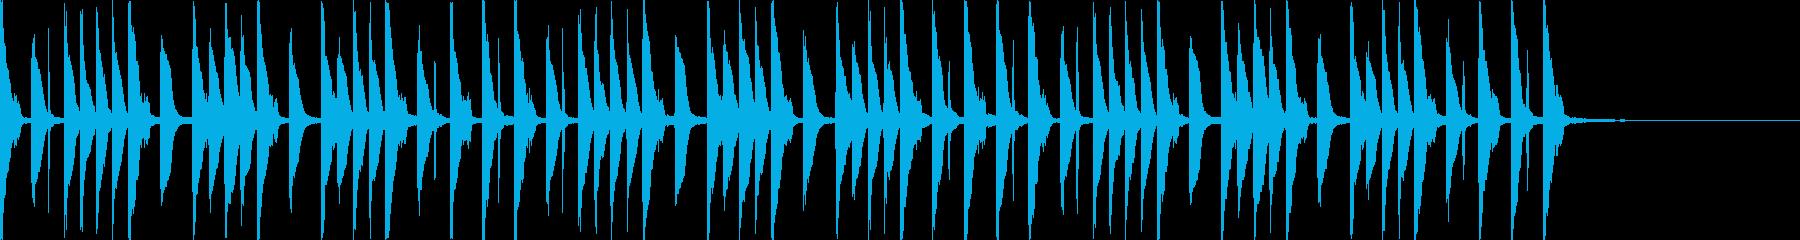 間違い探し 謎解き シンキングタイム の再生済みの波形